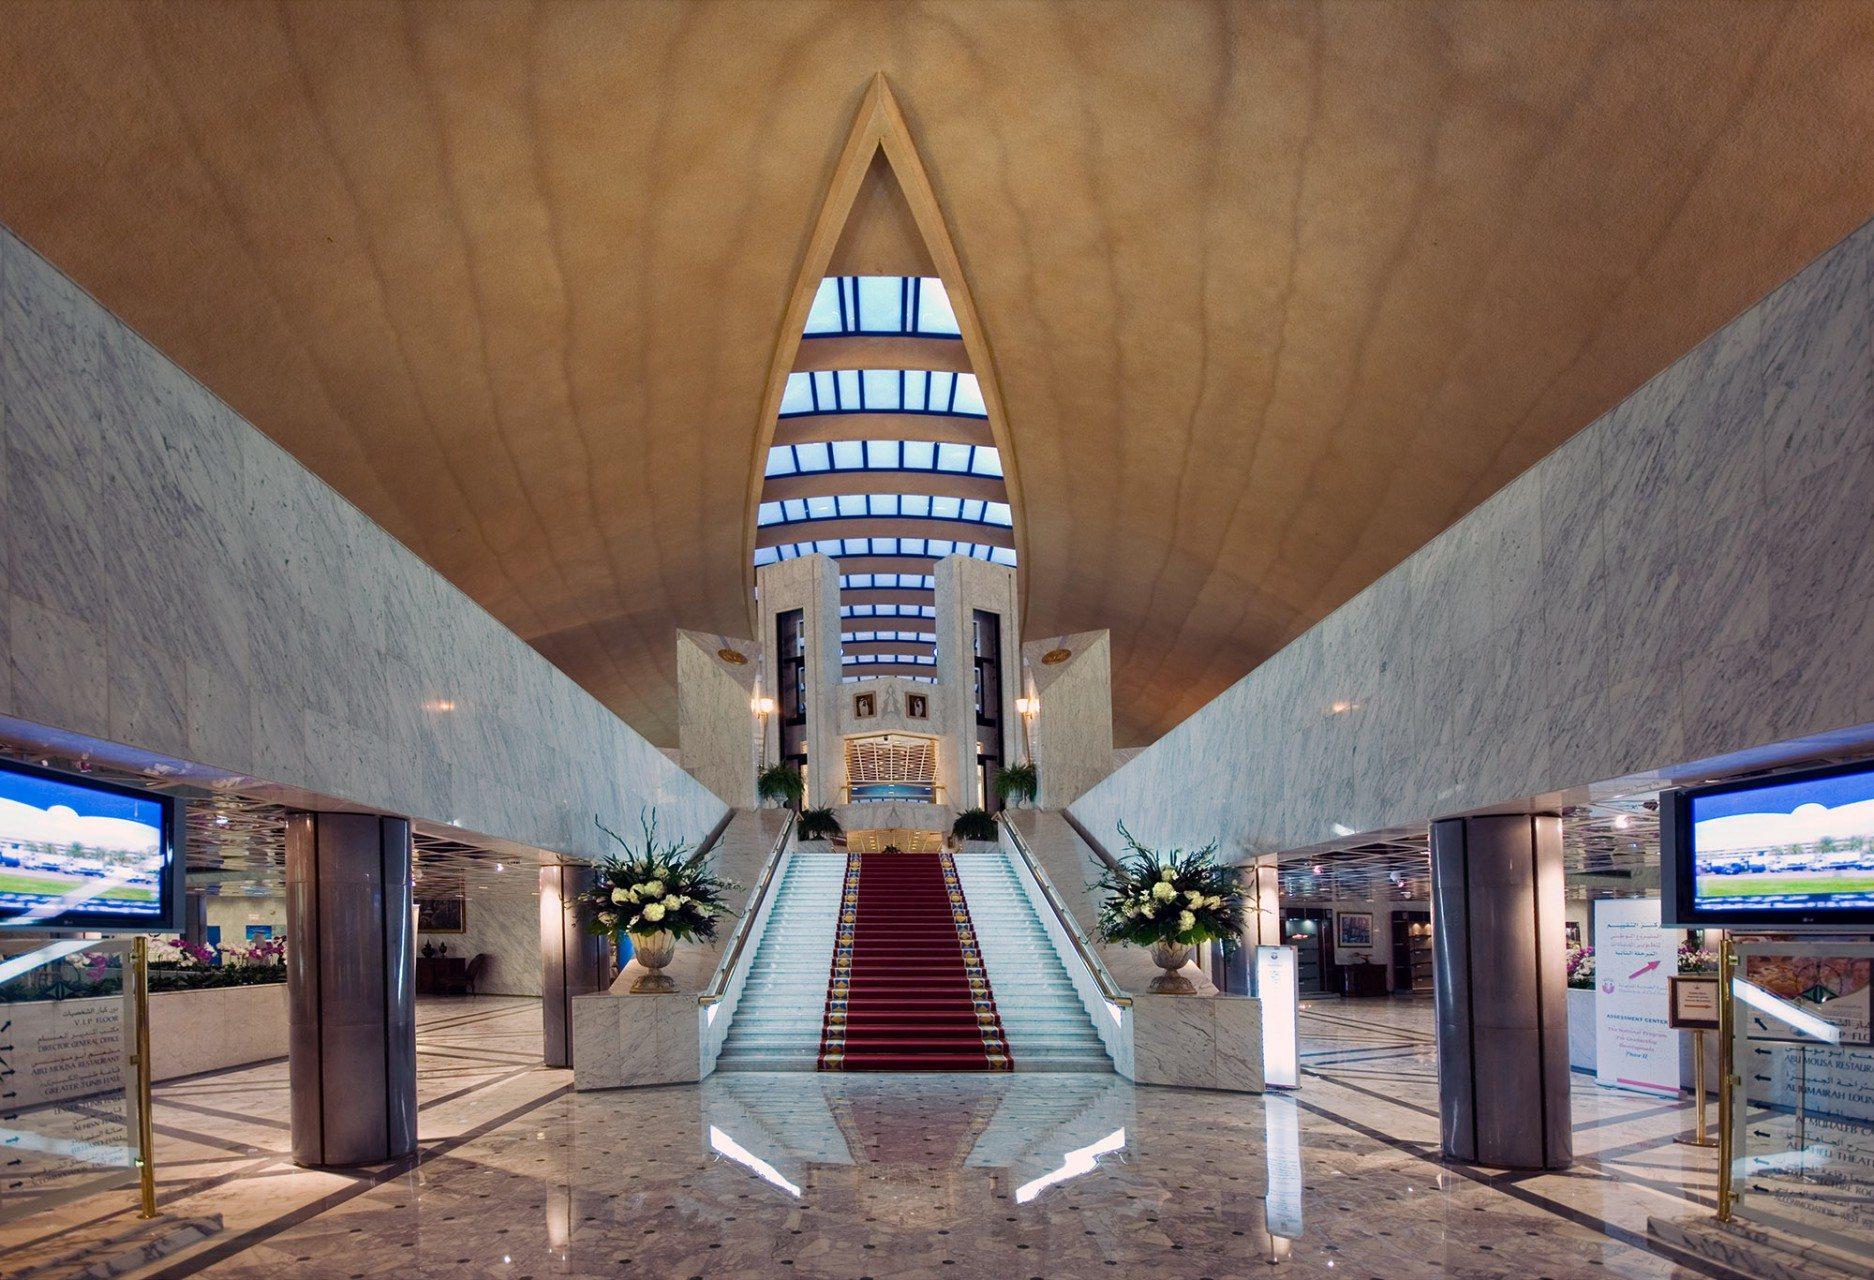 Ausgeglichen. Die symmetrische Lobby des zentralen Empfangsbereichs.